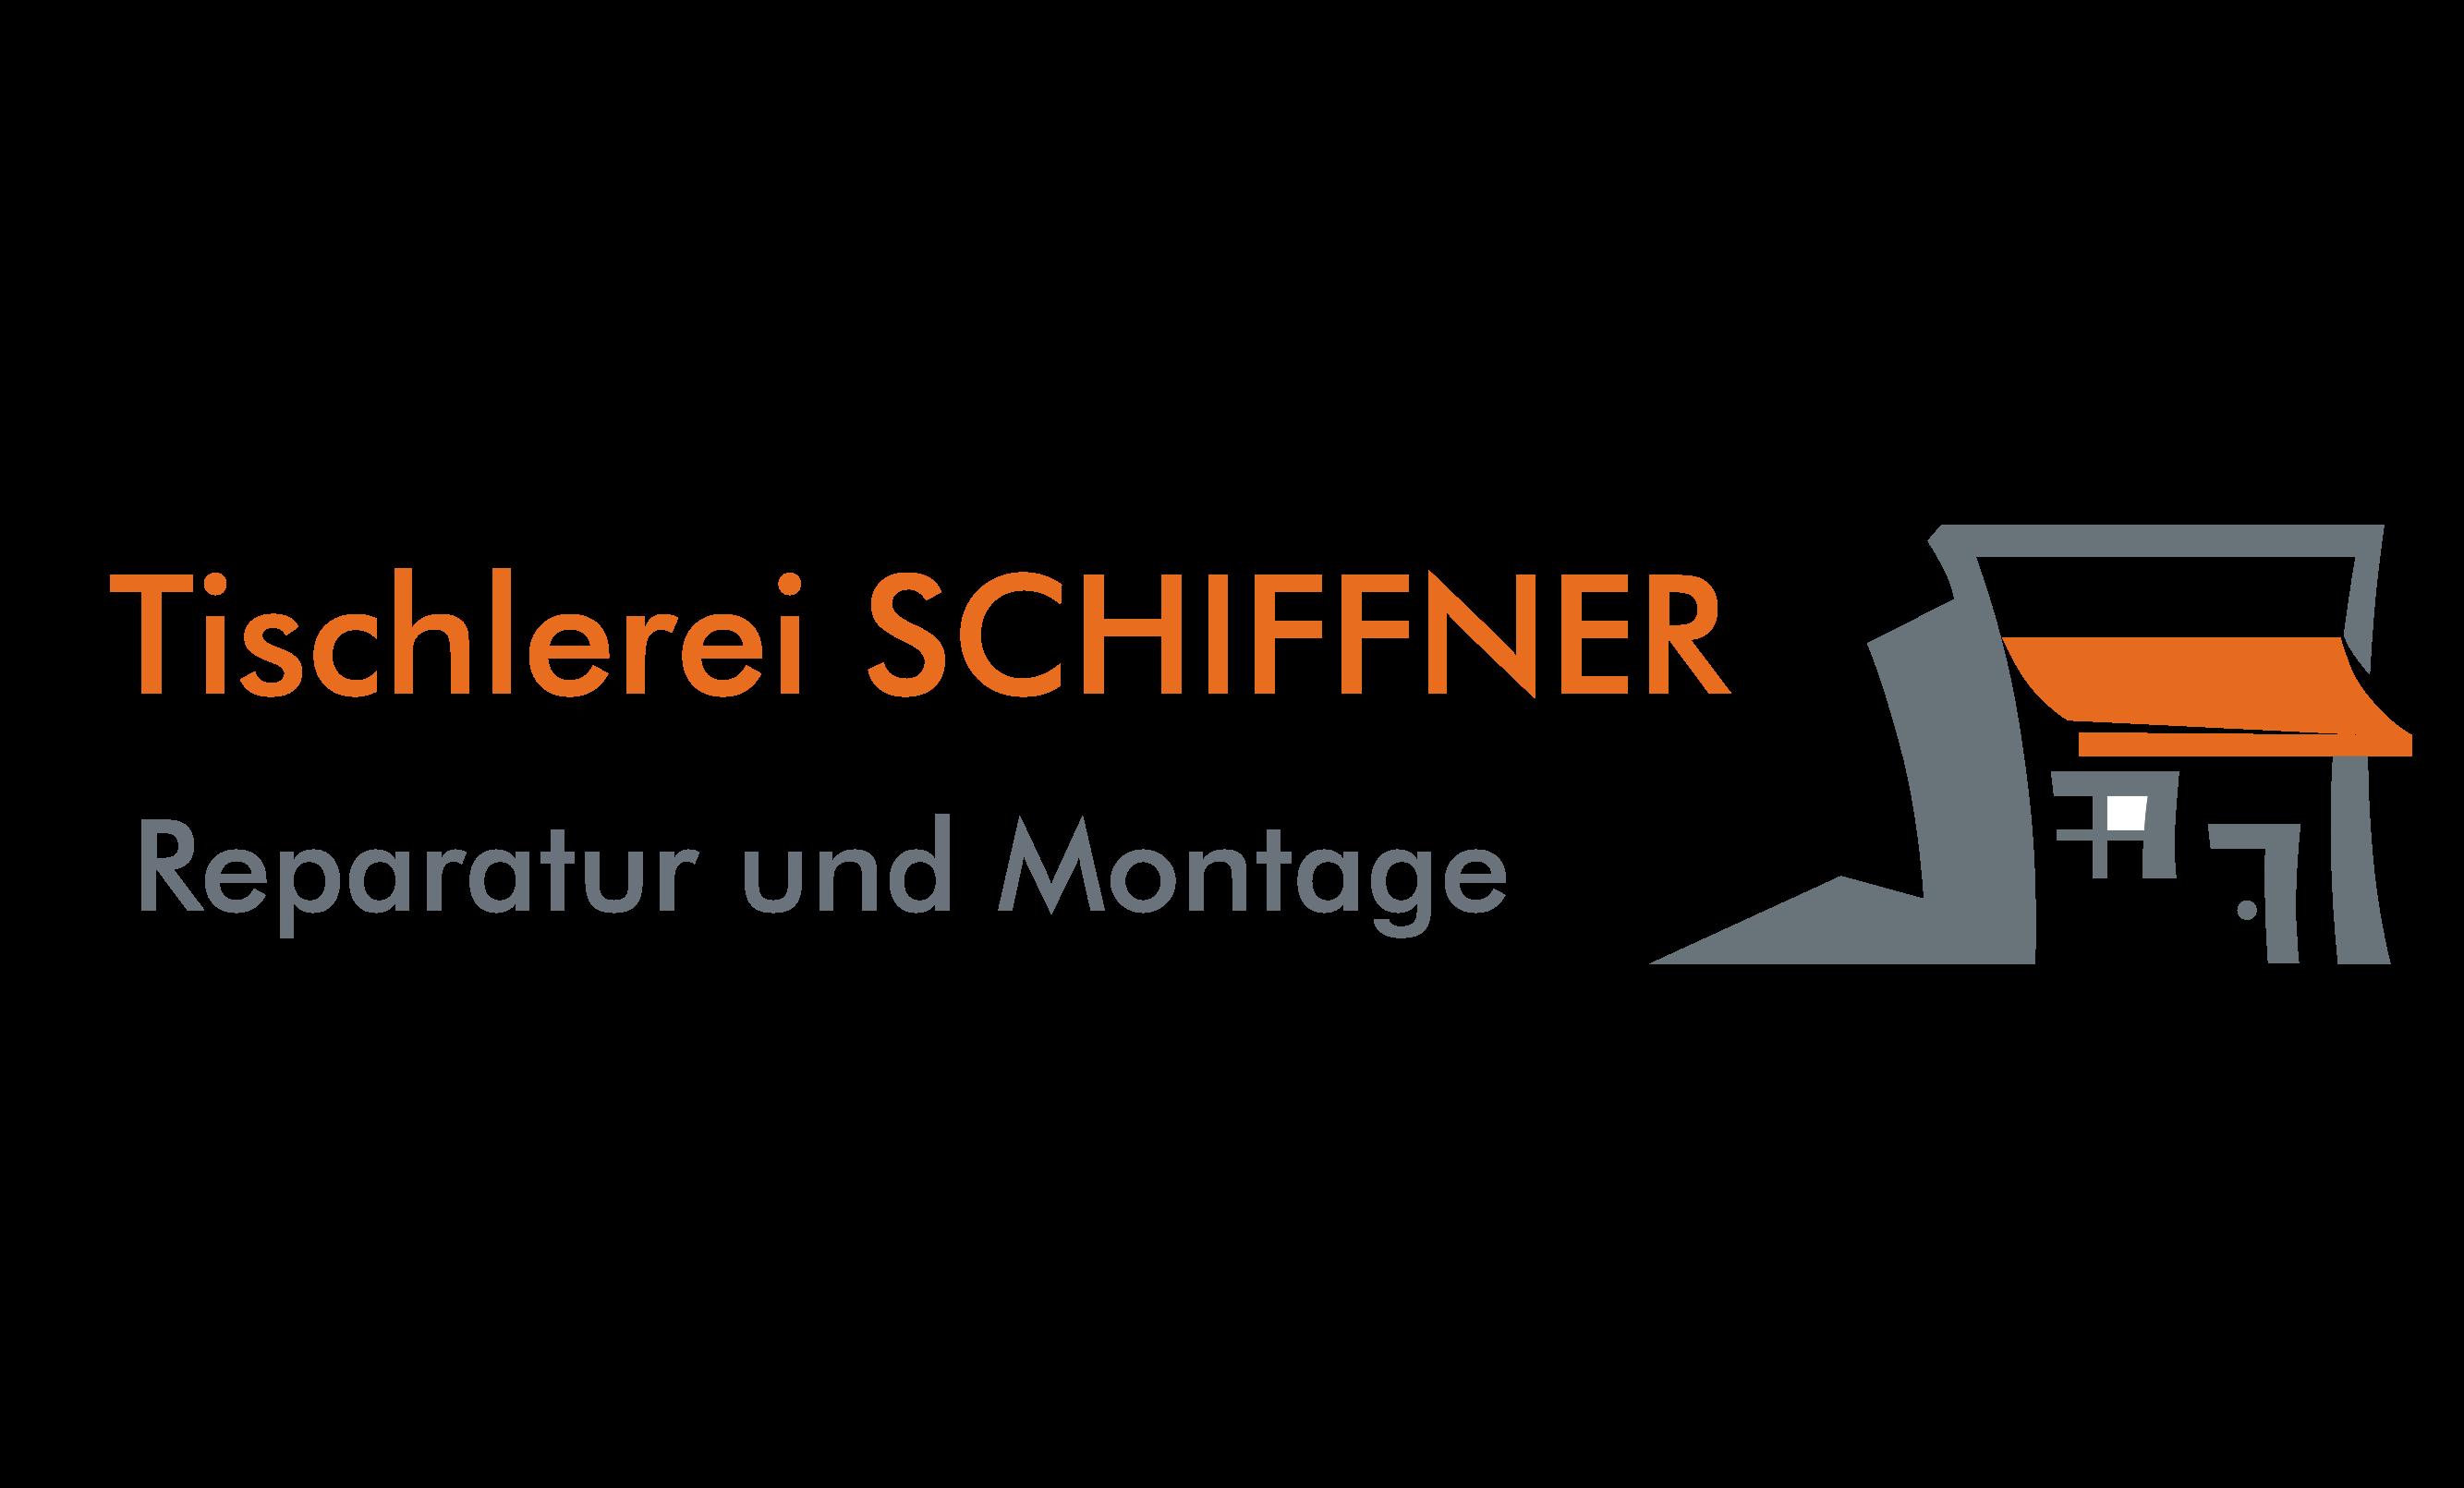 Tischlerei Schiffner